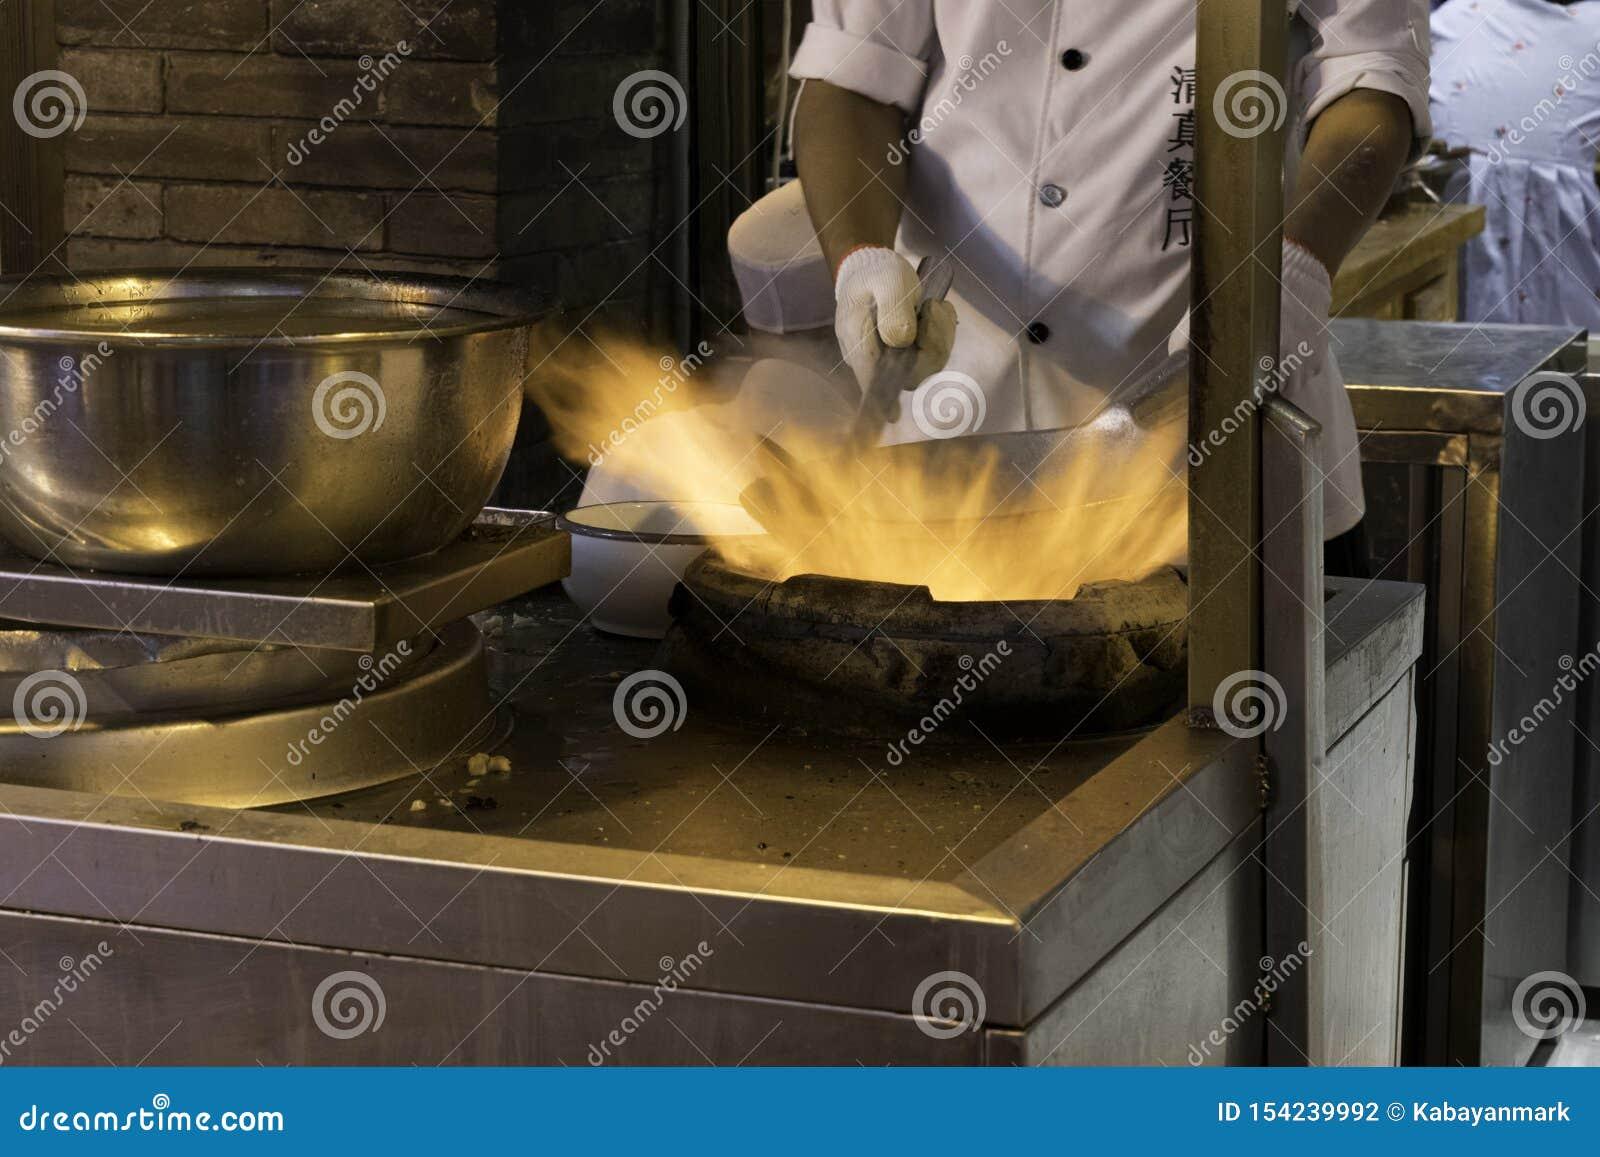 De brand en het Voedsel een Chinese chef-kok bereiden voedsel in een wok voor